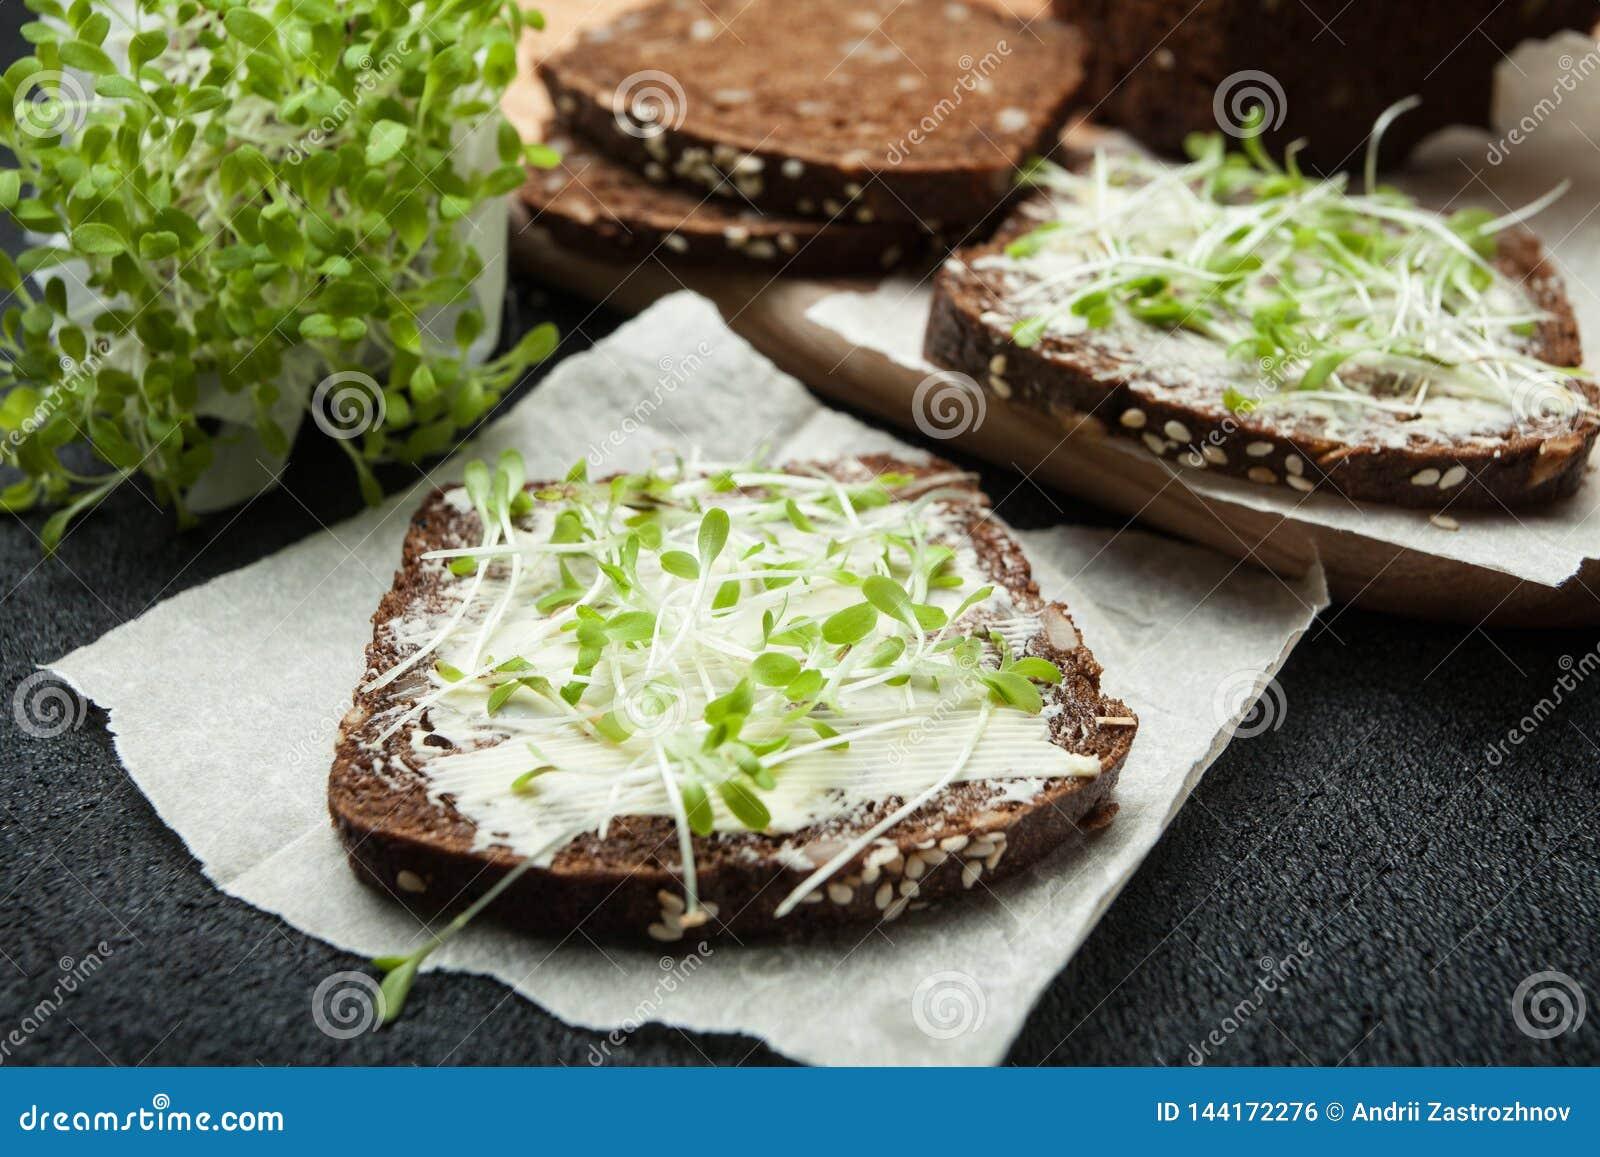 Concetto del vegetariano e di cibo sano Micro insalata di verdi e pane nero